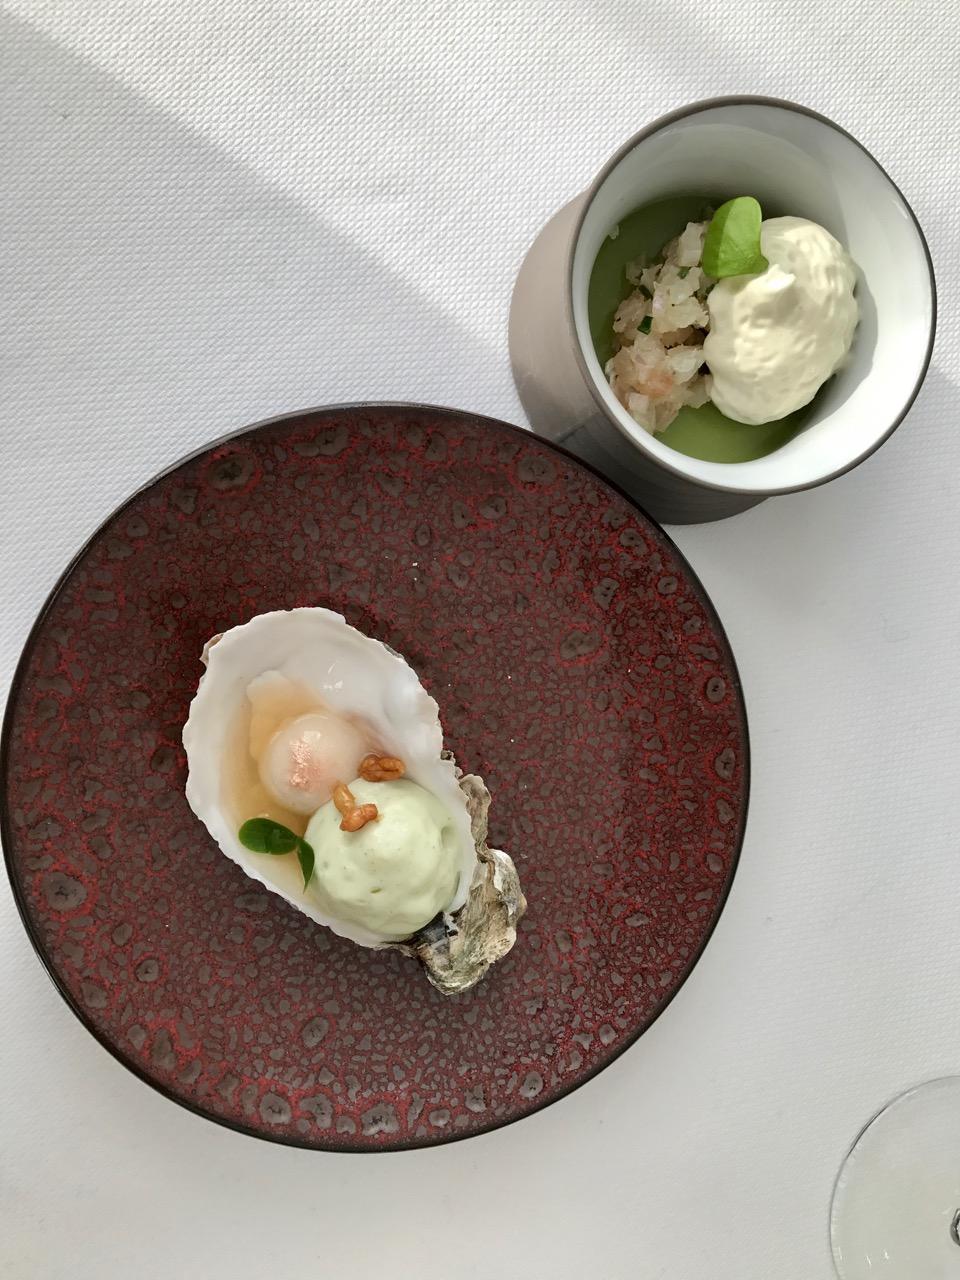 Restaurant Pouic Pouic - Huitre végétale, perle de champagne - Tartare de daurade, gel de concombre, émulsion d'huitres